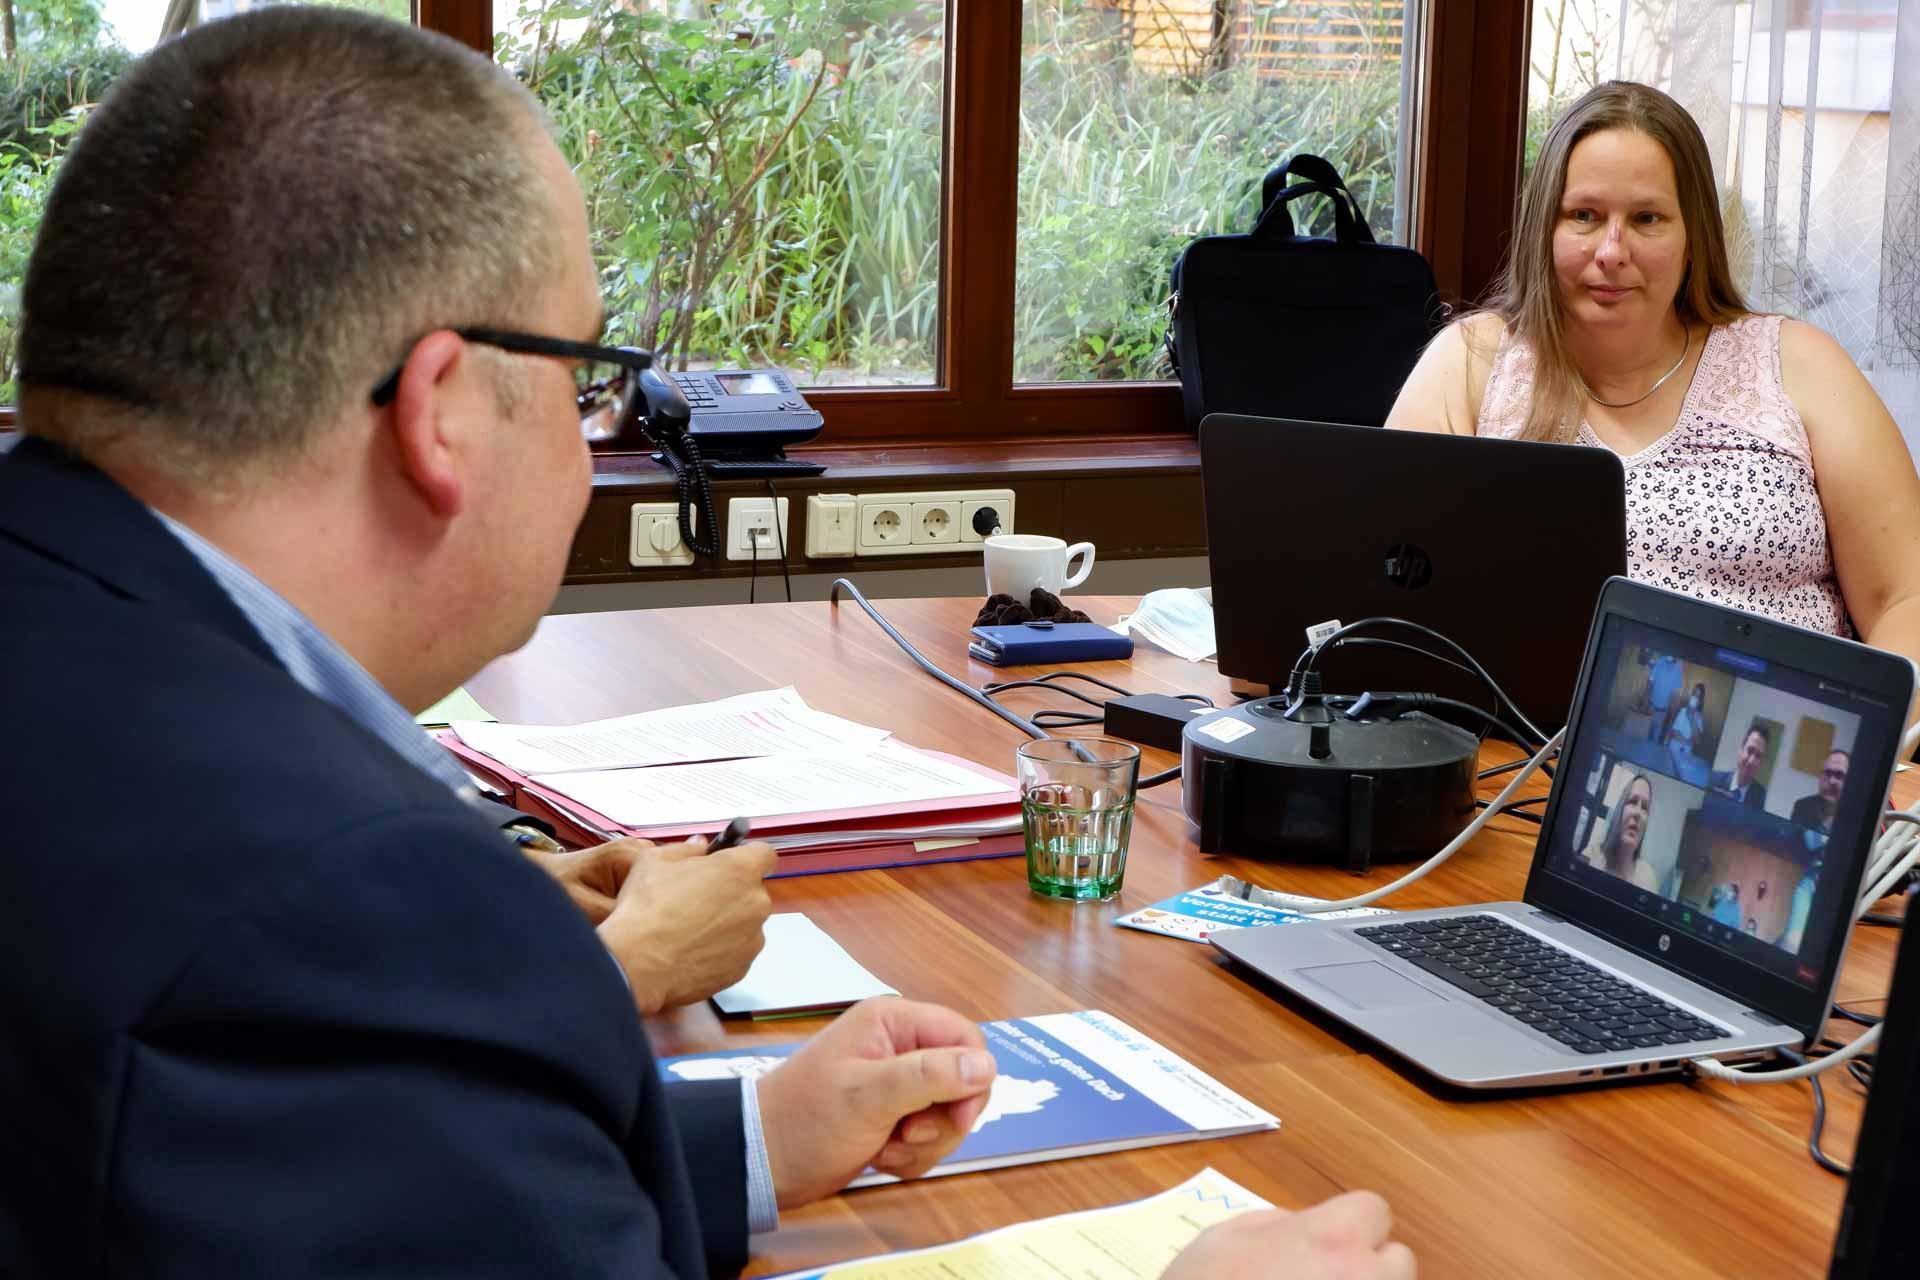 Vorstand Carsten Jacknau (l.) und Ilona Vincenz (r.) beim ersten virtuelle Meet and Greet des Evangelischen Stift Freiburg